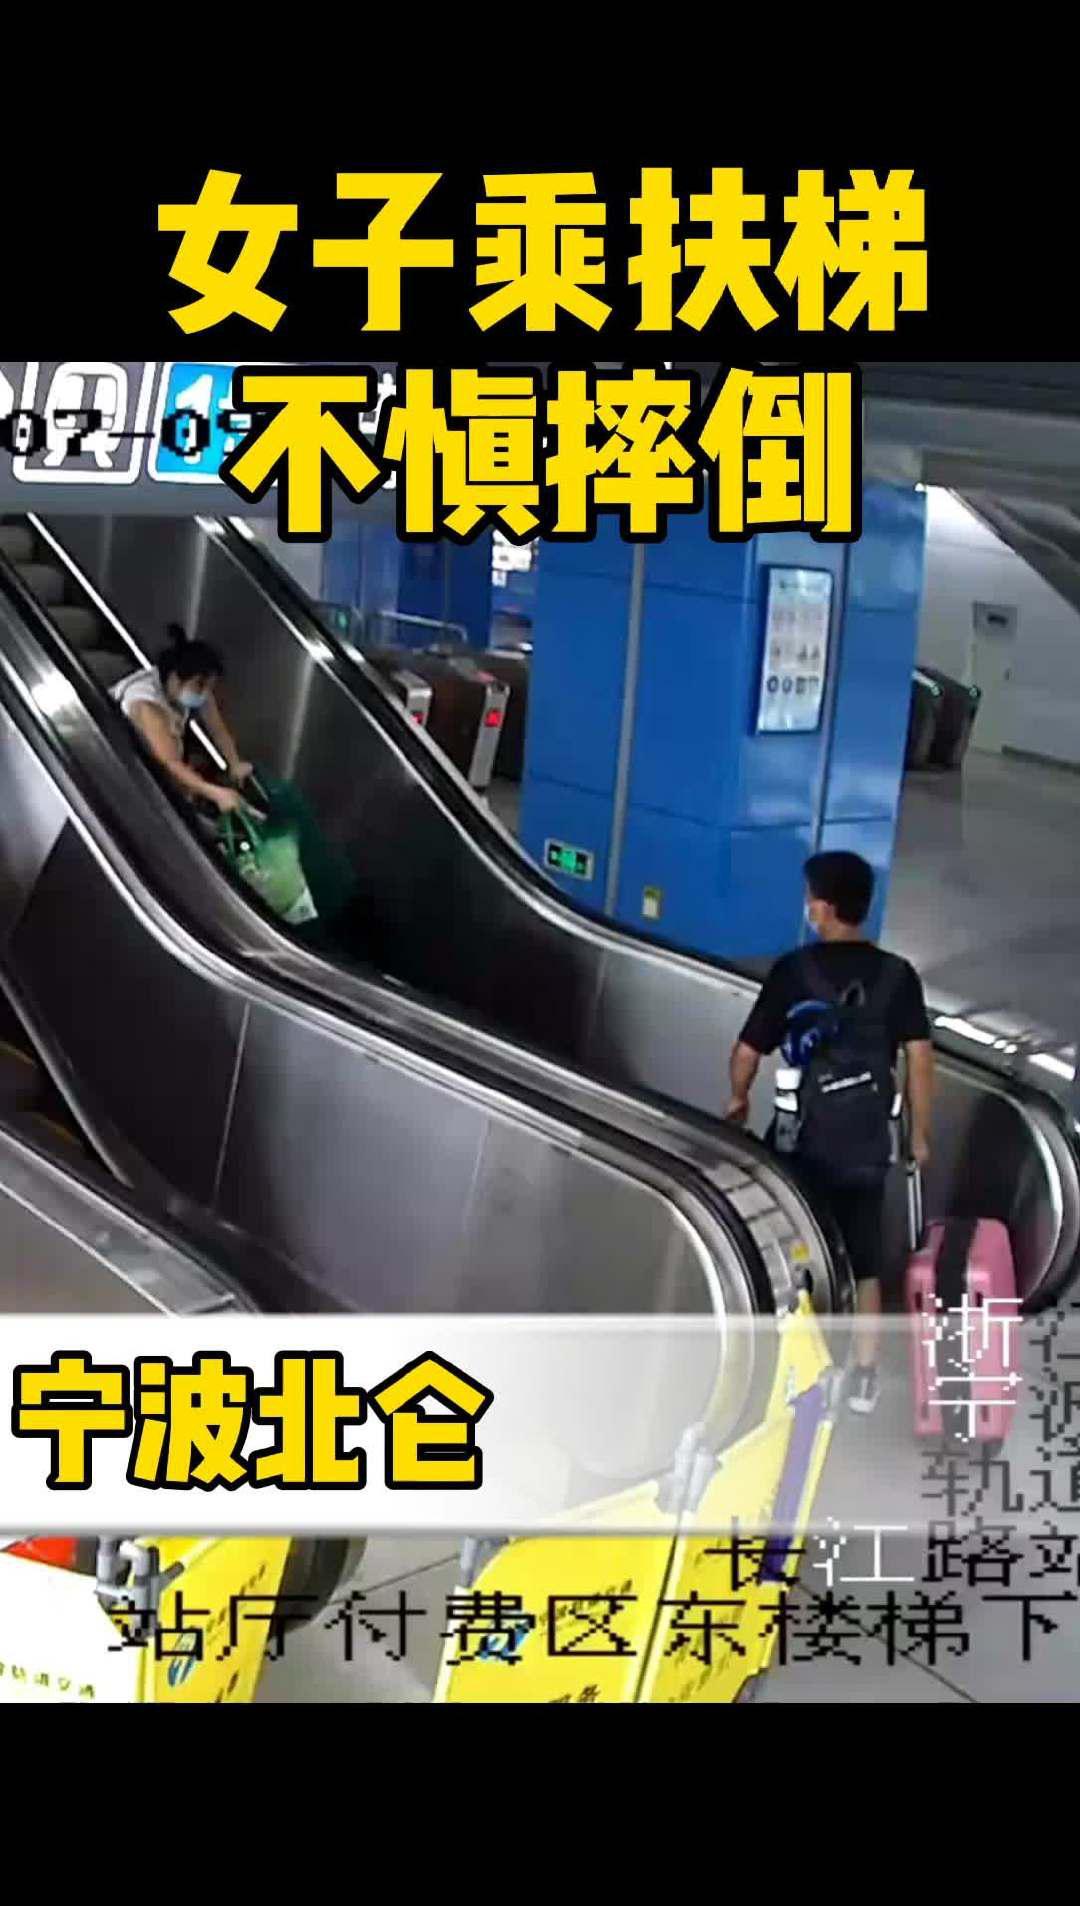 女子摔下扶梯 两男子冲了过去